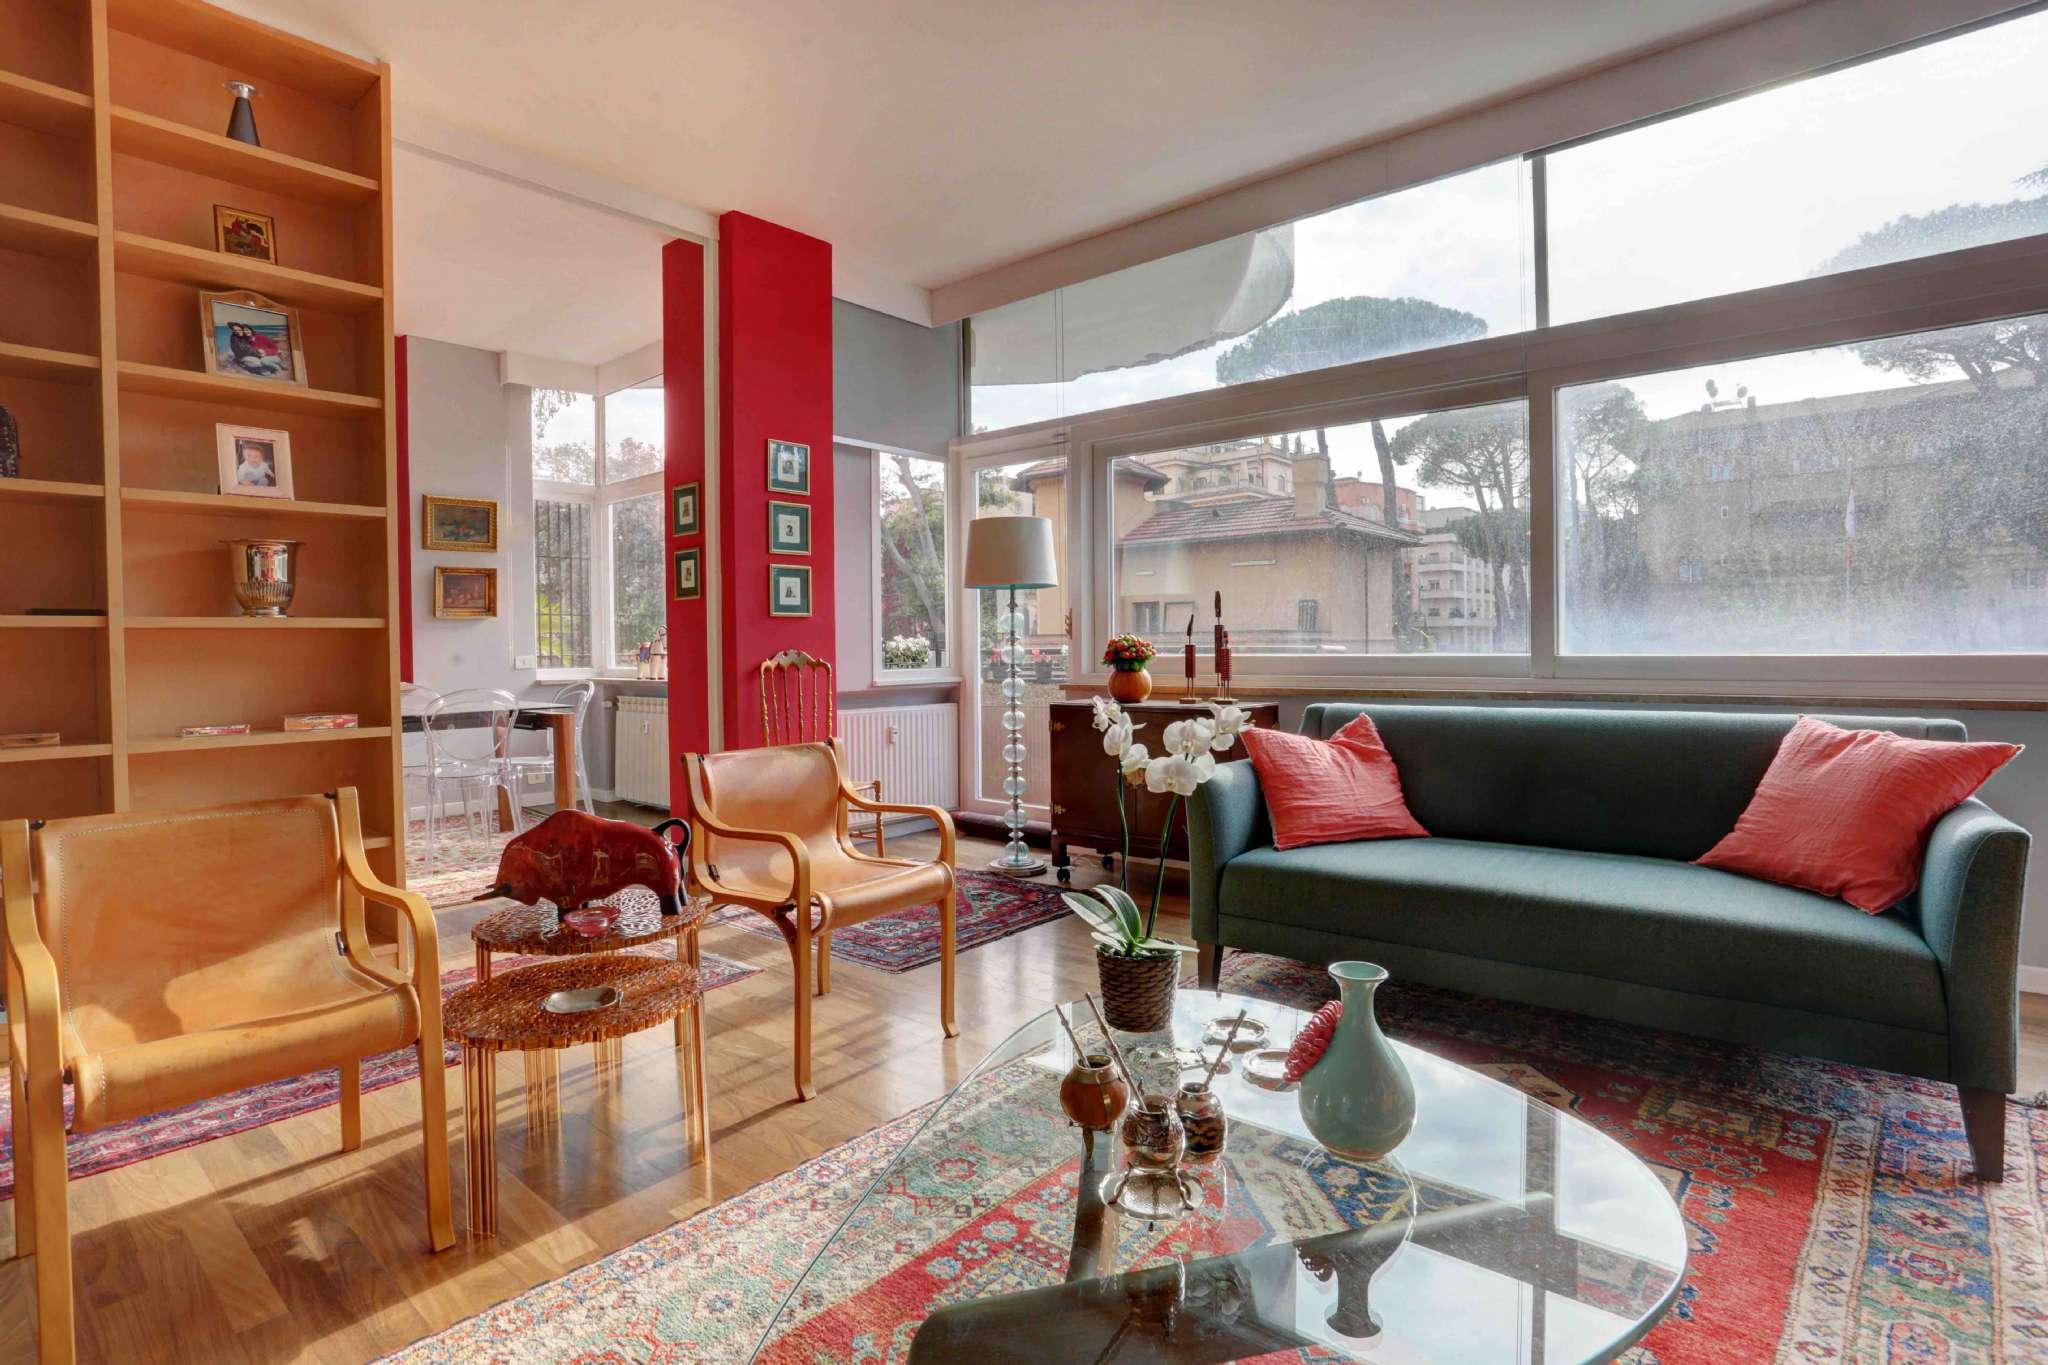 Appartamenti tre camere in affitto a roma for Appartamenti affitto roma